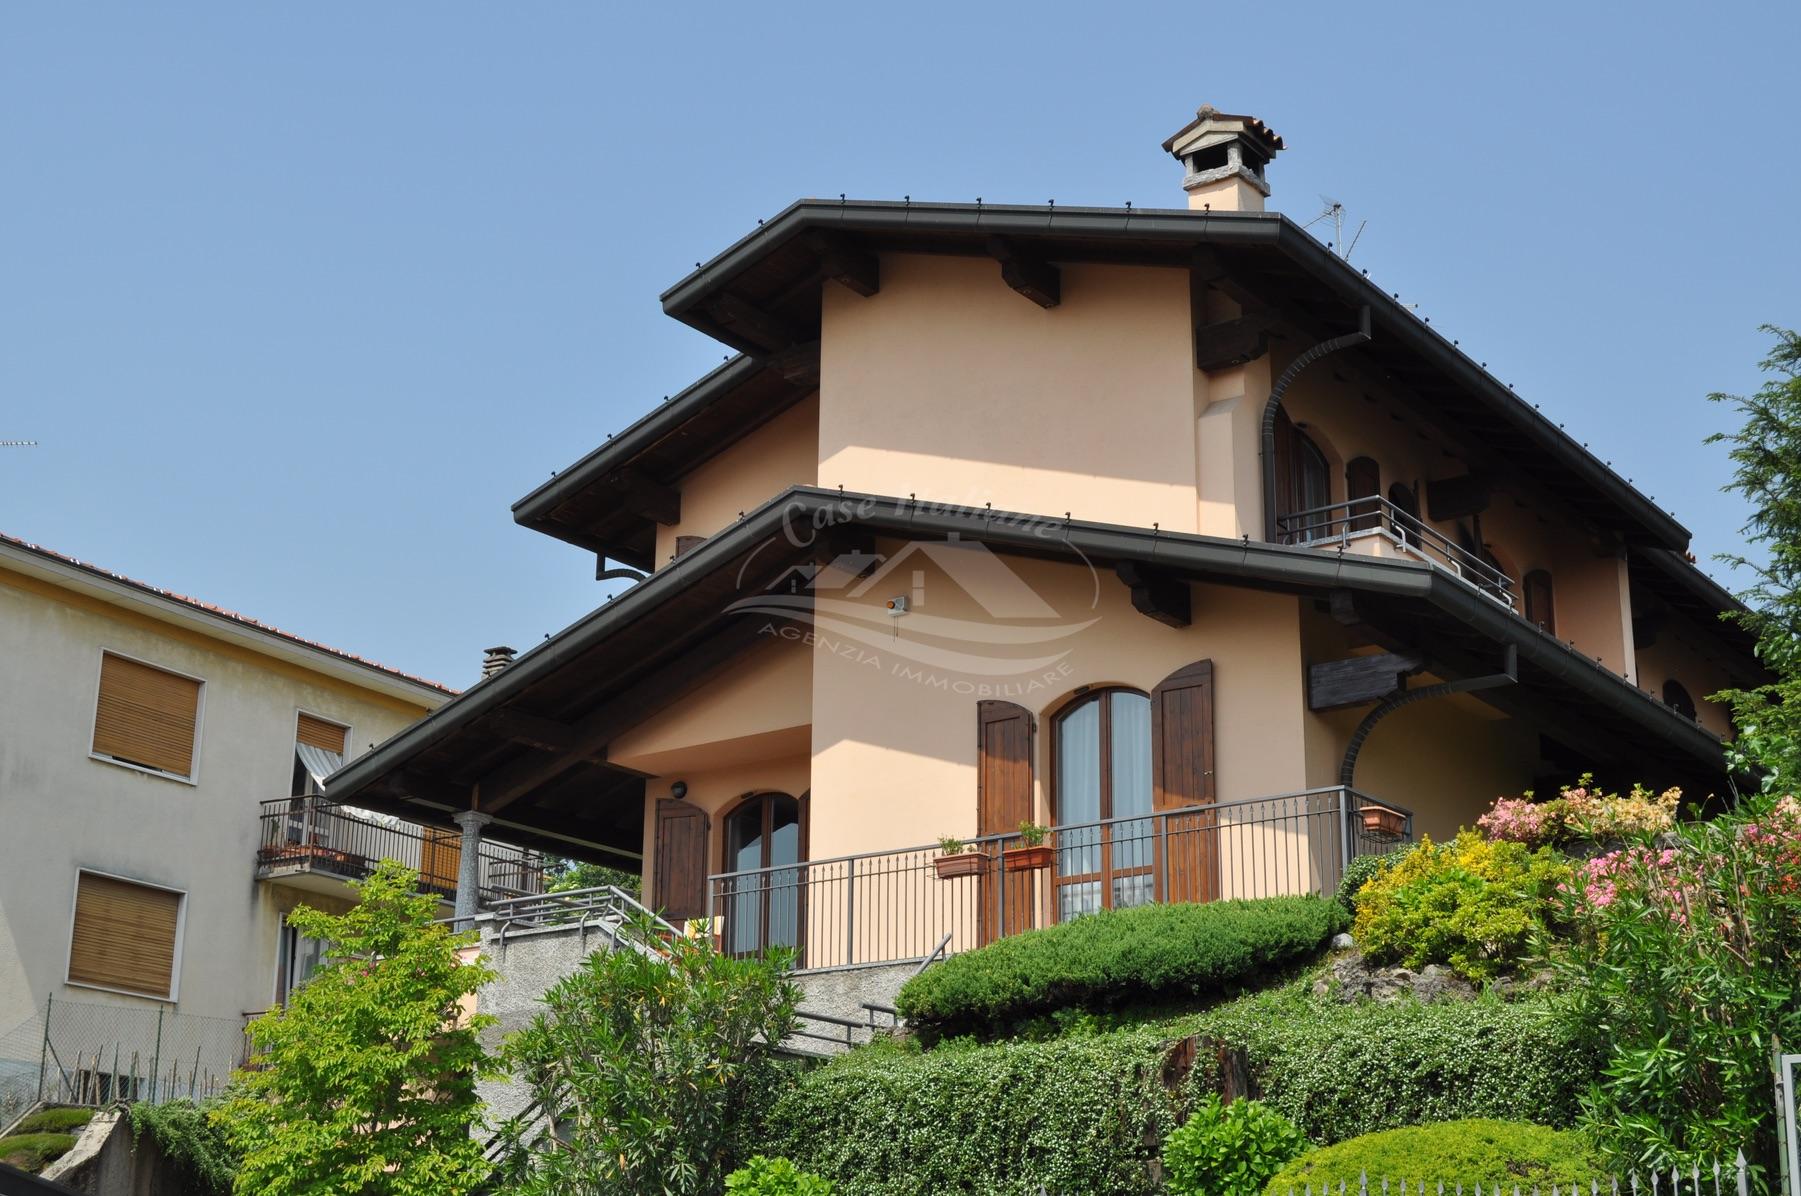 Dsc 3533 case italiane agenzia immobiliare cant for Case italiane immobiliare